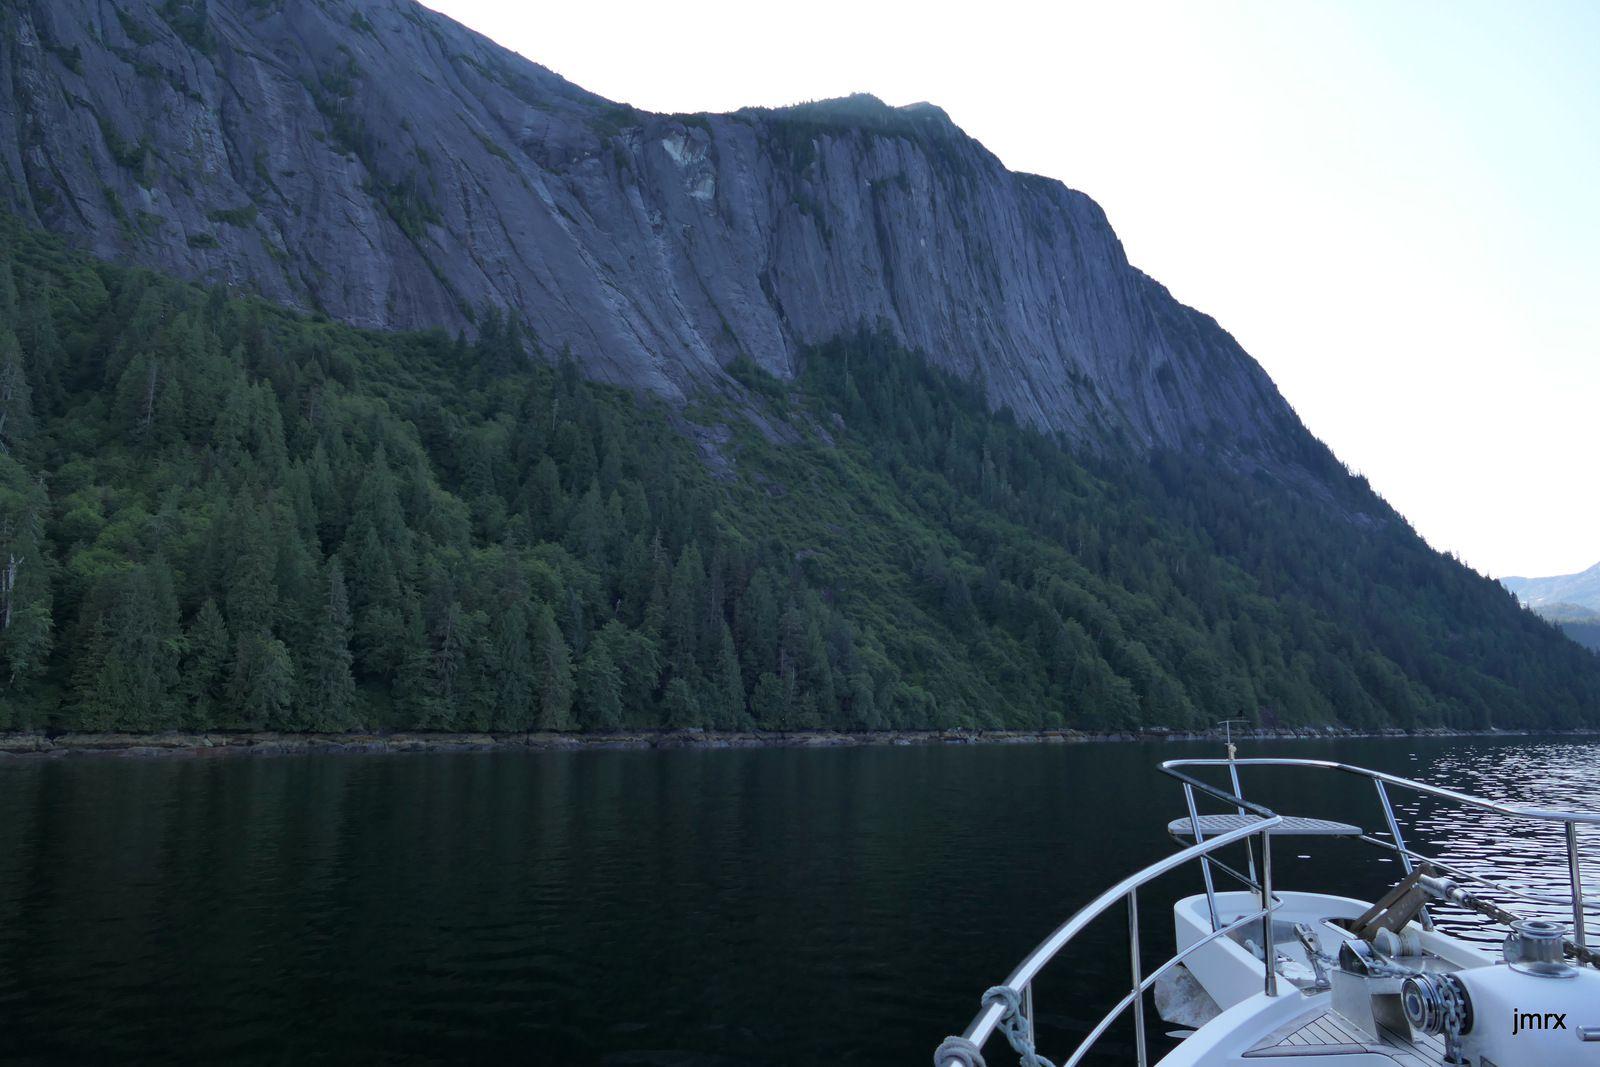 A l'entrée des Misty Fjords Eddystone Rock, une aiguille remarquable. Les falaises et les dômes de granit se succèdent.